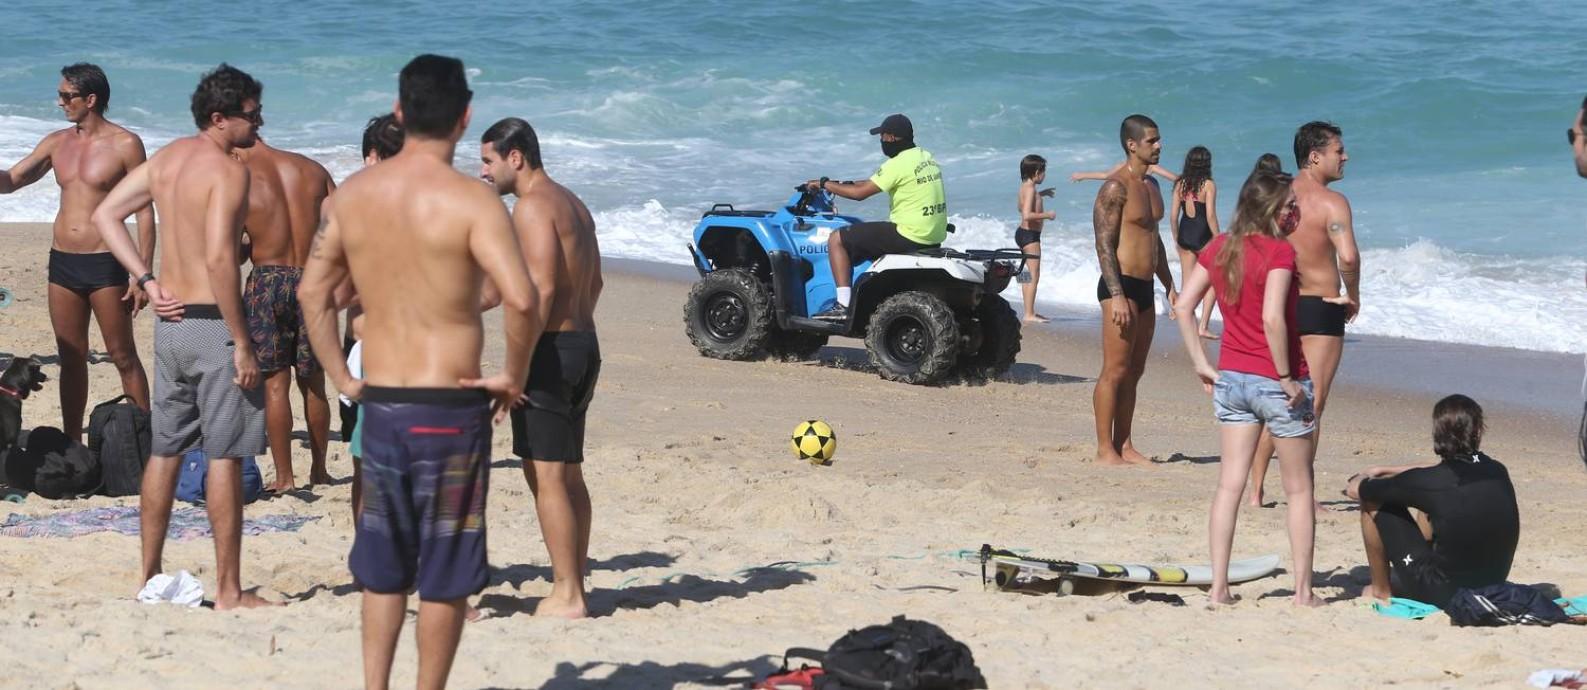 As areias da Praia do Leblon cheia de banhistas sem máscara no último domingo Foto: Pedro Teixeira em 5/7/2020 / Agência O Globo